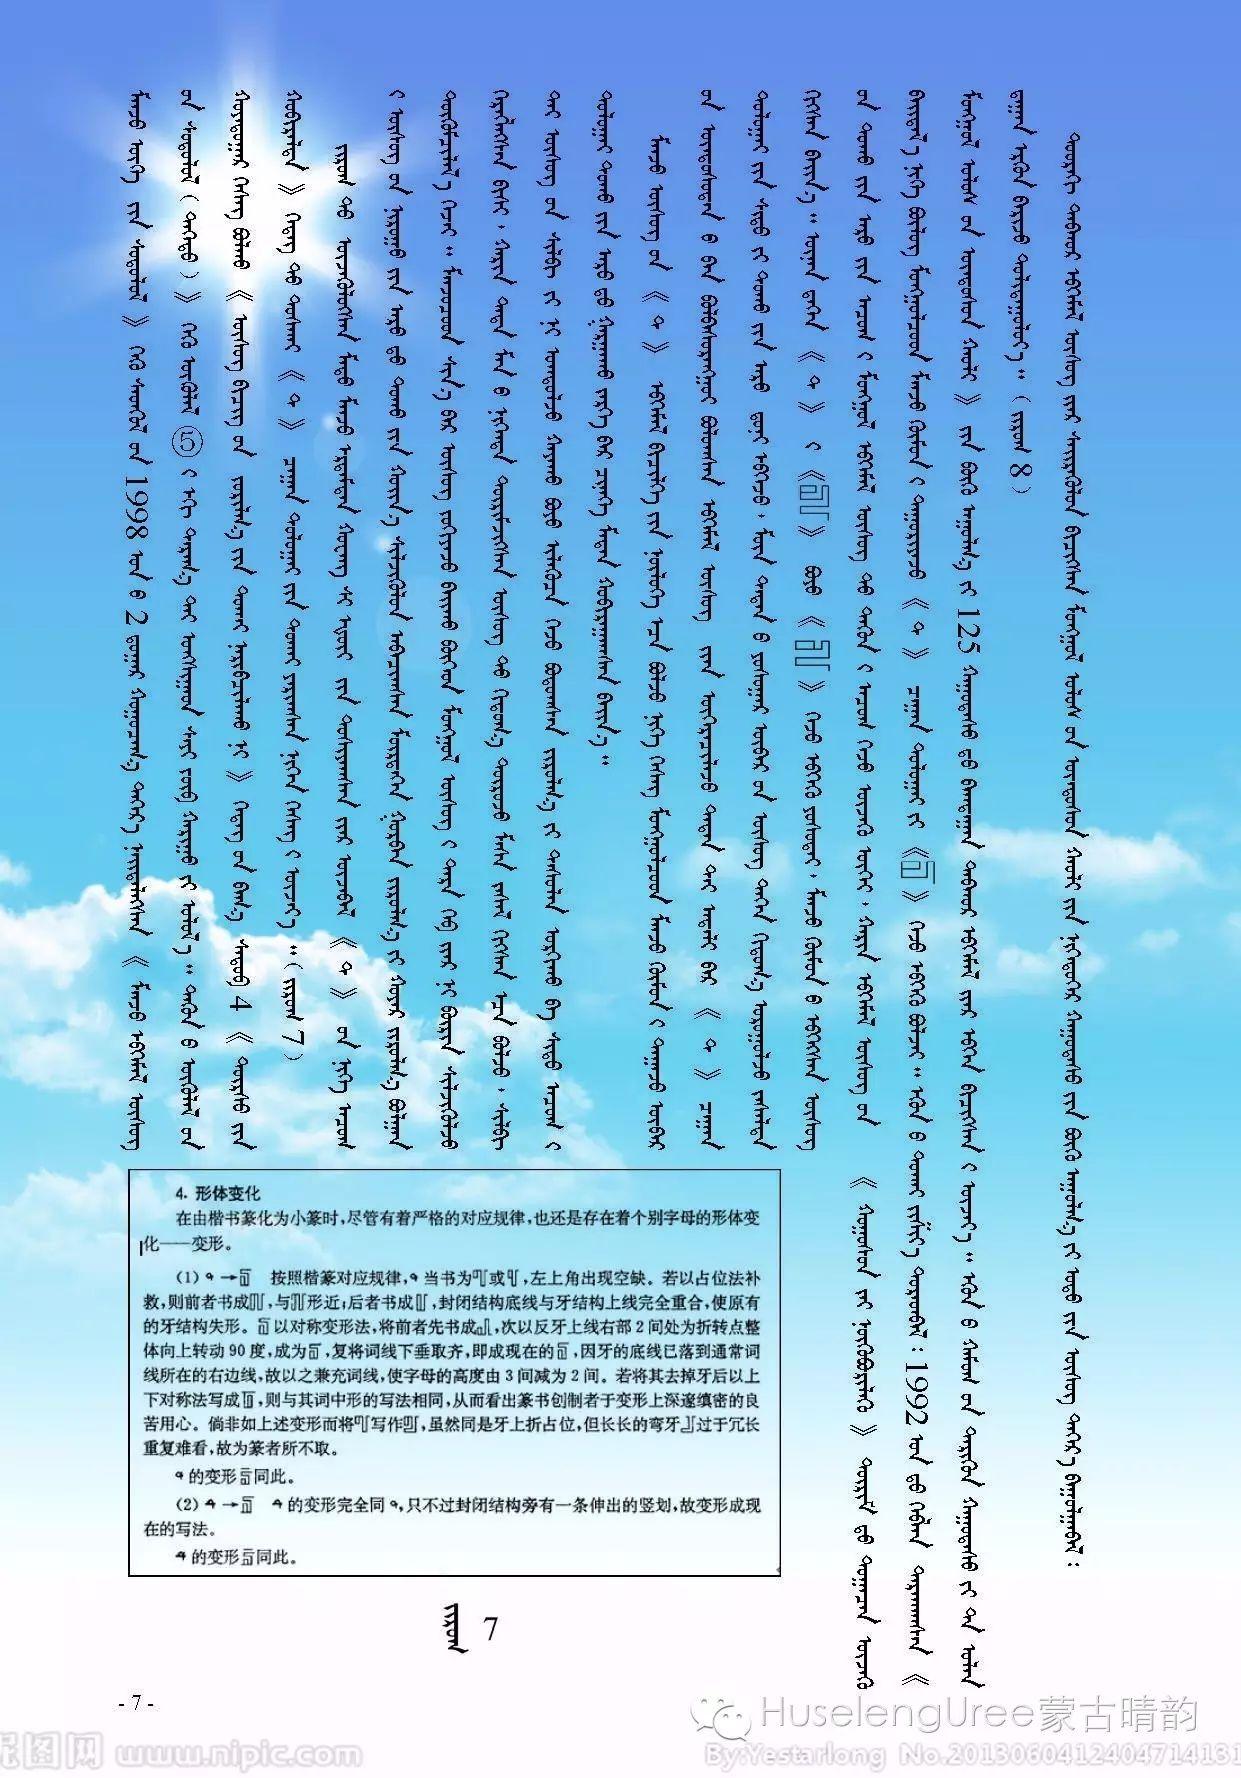 著名书法家-巴 · 敖日格勒 (论文1)(蒙古文) 第7张